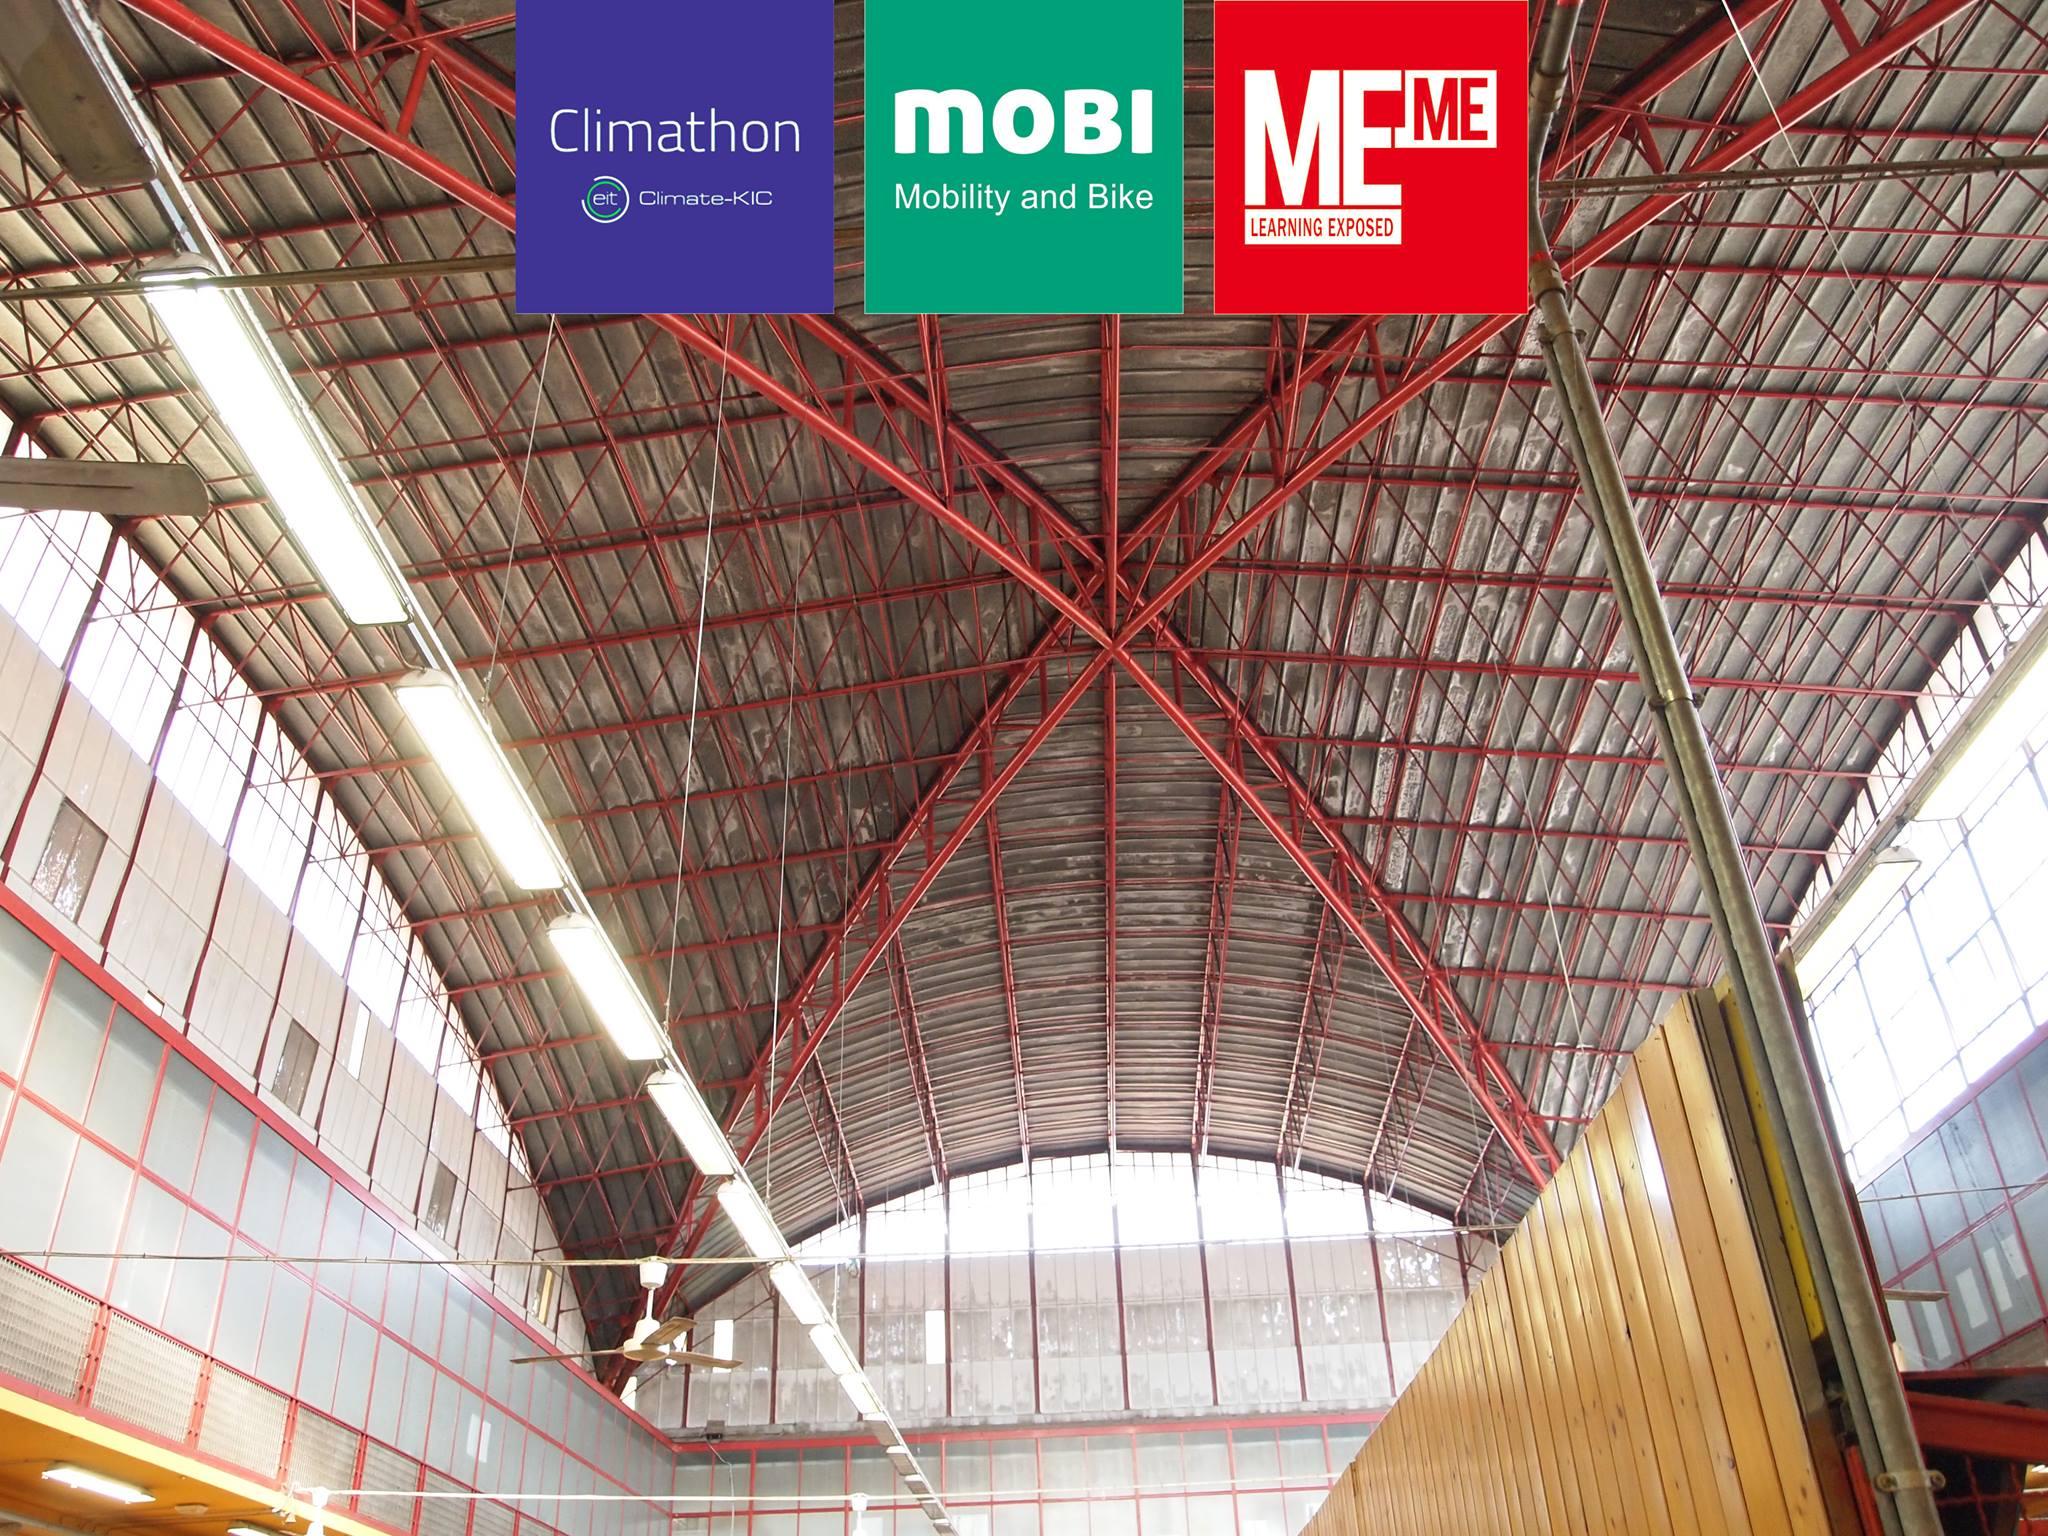 MOBI, Climathon, MEme: a Ferrara 3 giorni dedicati alla mobilità sostenibile con Città della Cultura, dal 25 al 27 ottobre